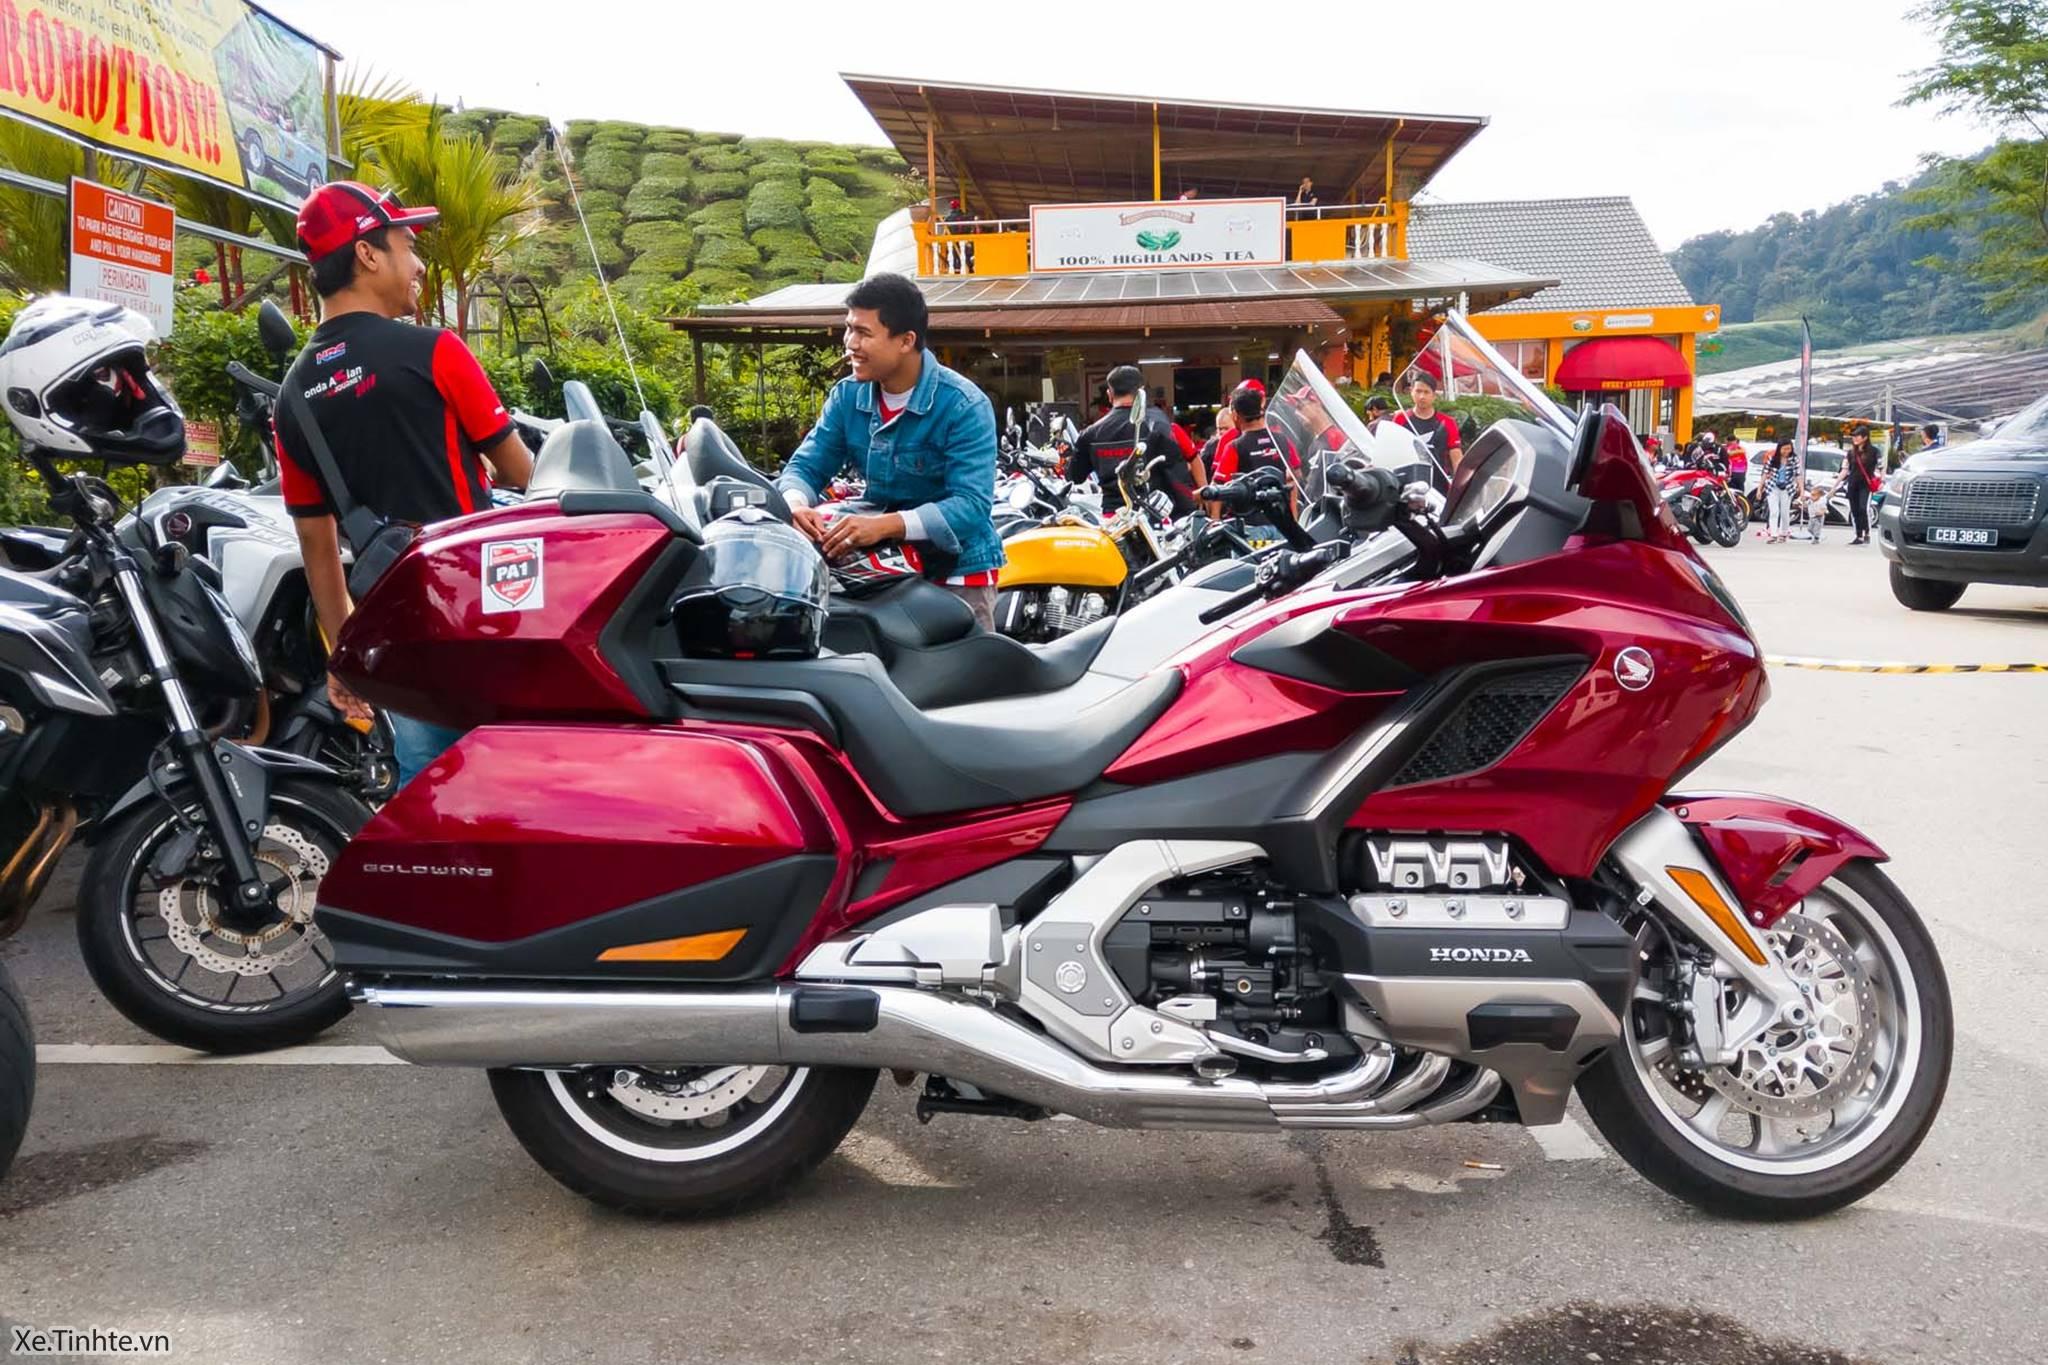 Honda_Asian_Journey_2018_Xe_Tinhte_IMAG0429.jpg